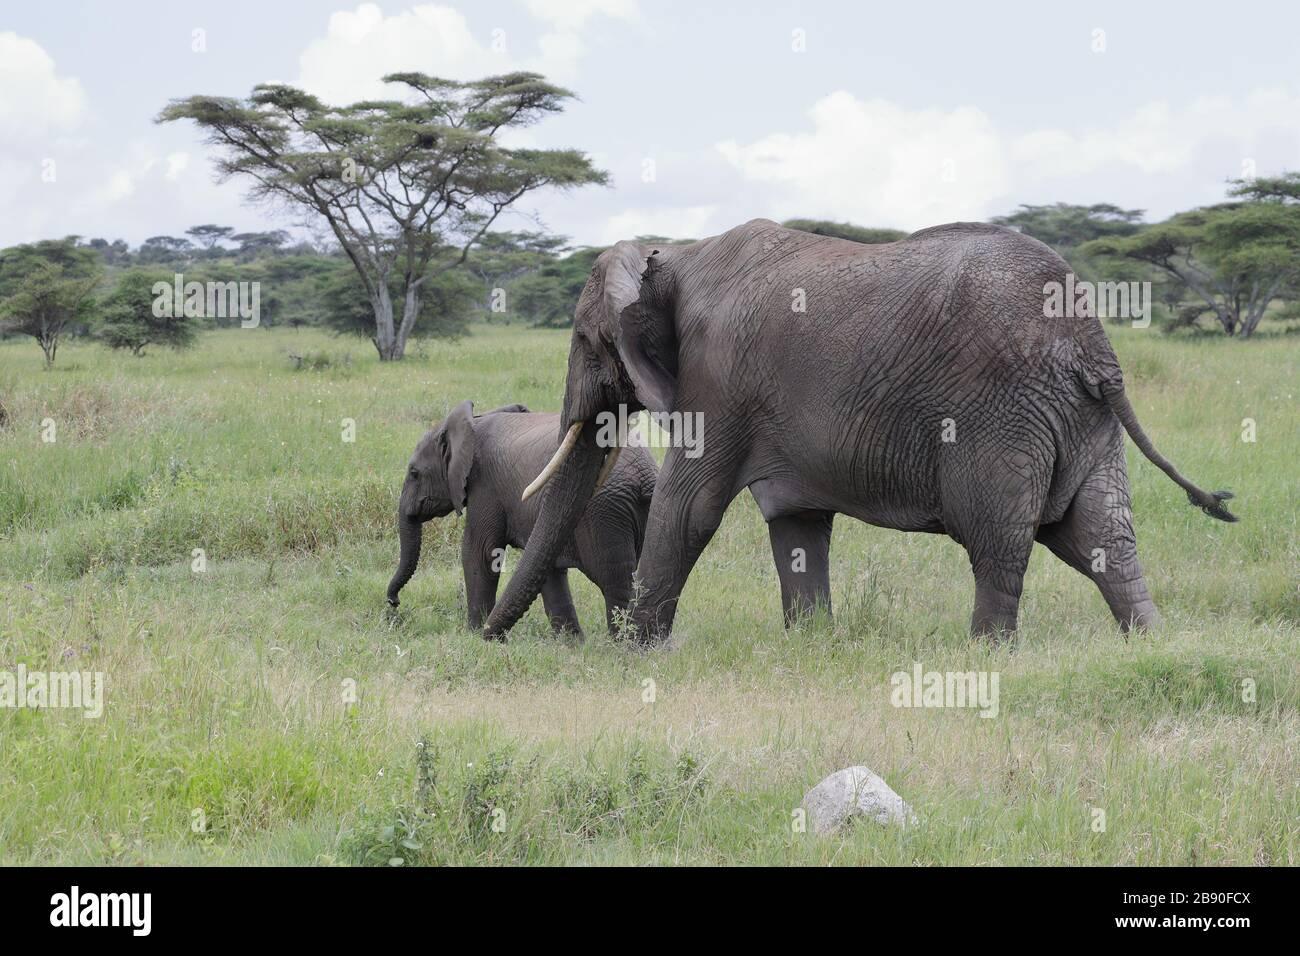 El elefante africano del arbusto, también conocido como elefante africano de la sabana, es el animal terrestre vivo más grande. Foto de stock